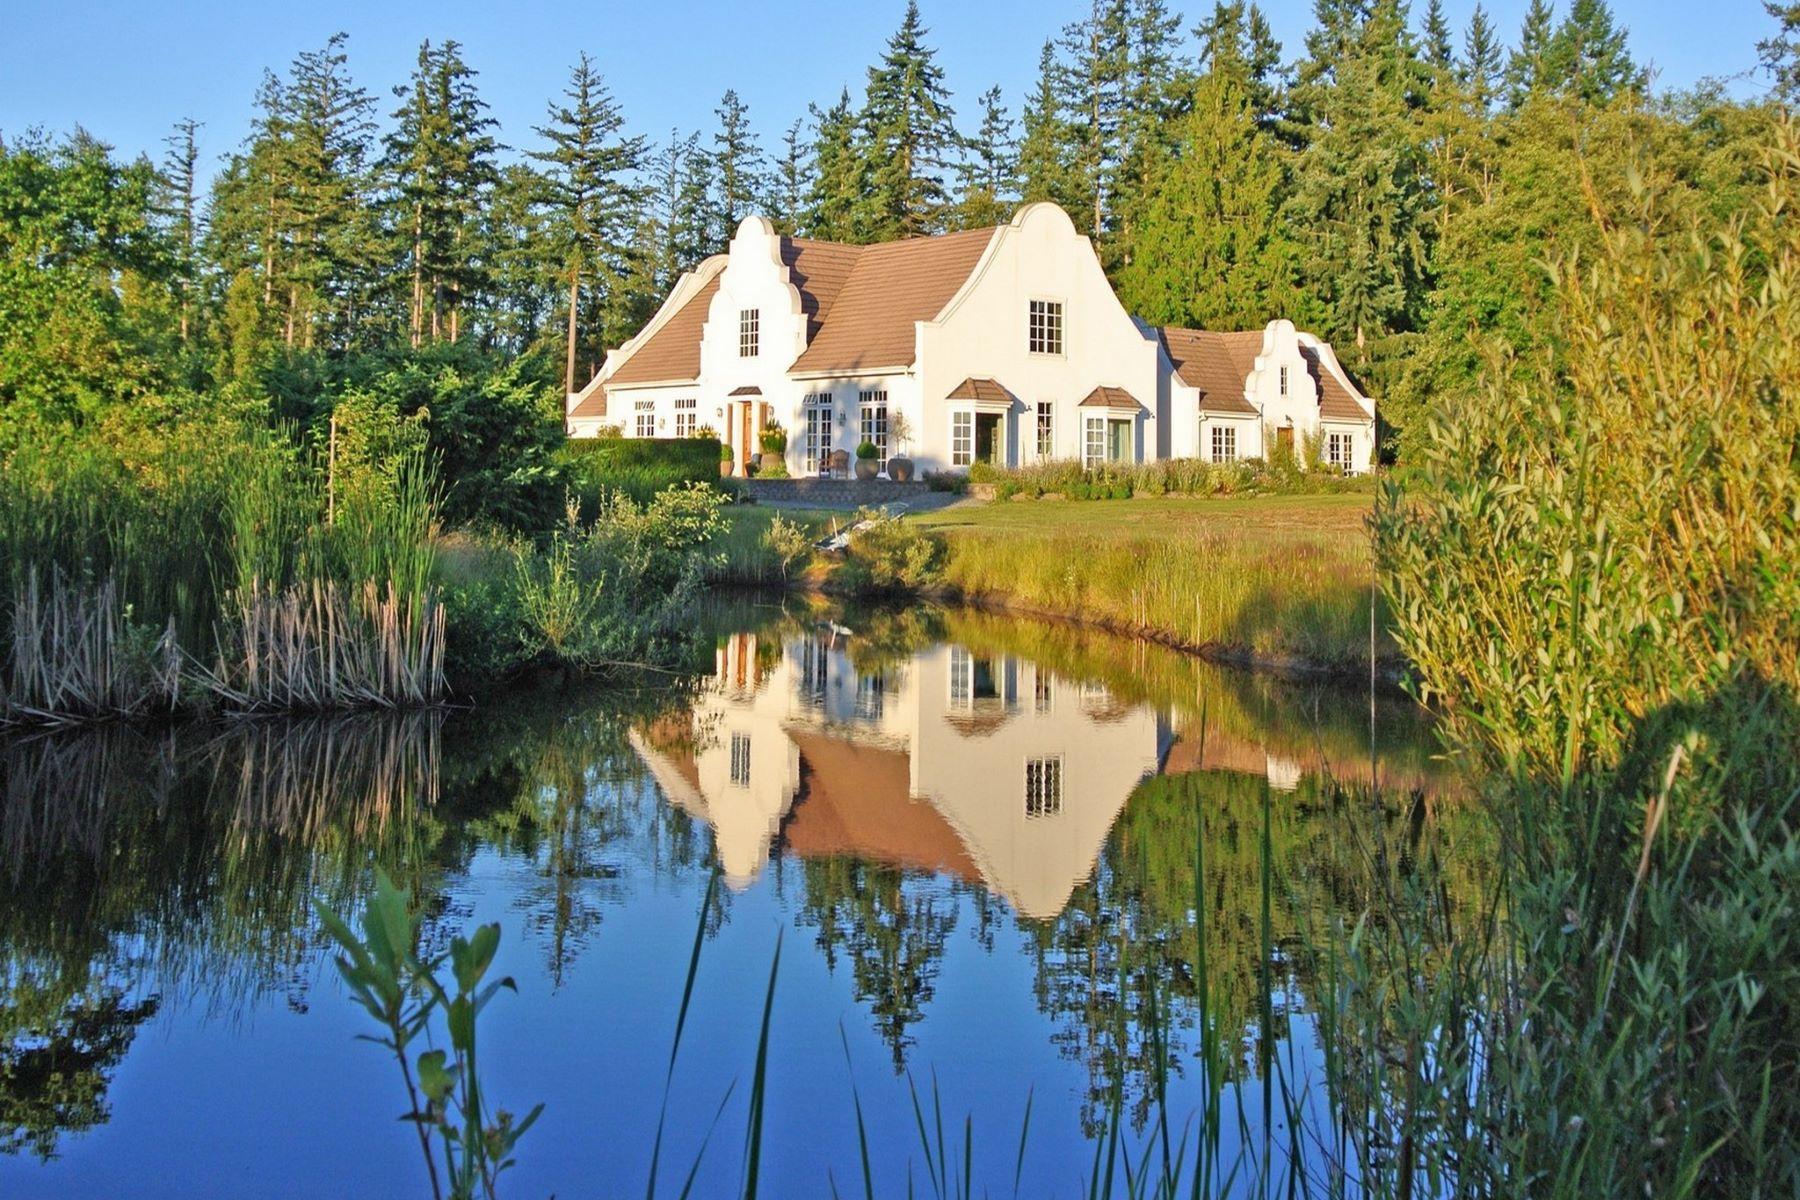 独户住宅 为 销售 在 Cape Dutch Masterpiece 14365 Leslie Lane 芒特弗农, 华盛顿州 98273 美国